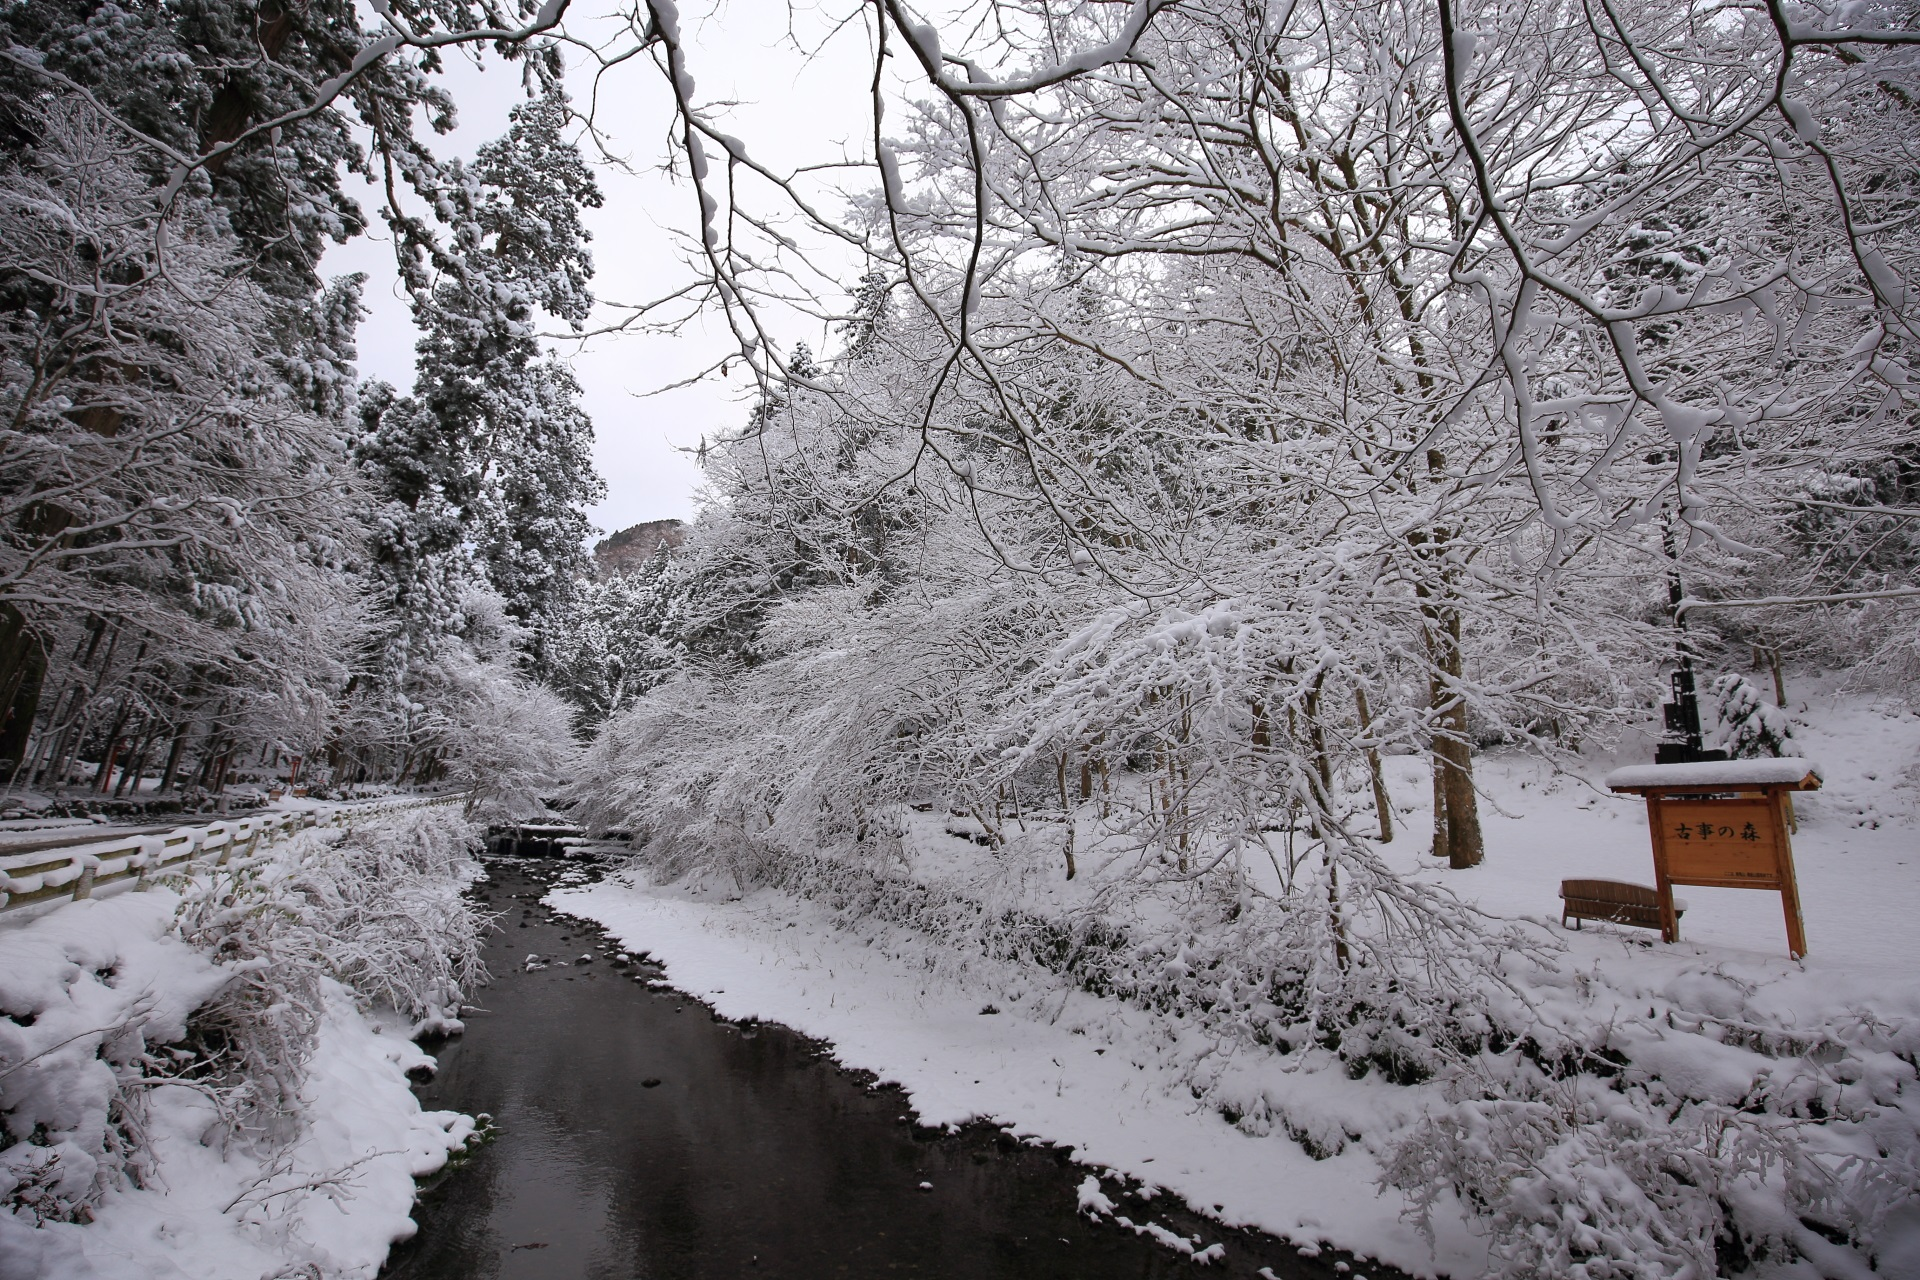 貴船川 冬景色 雪の花咲く幻想的な冬の水辺